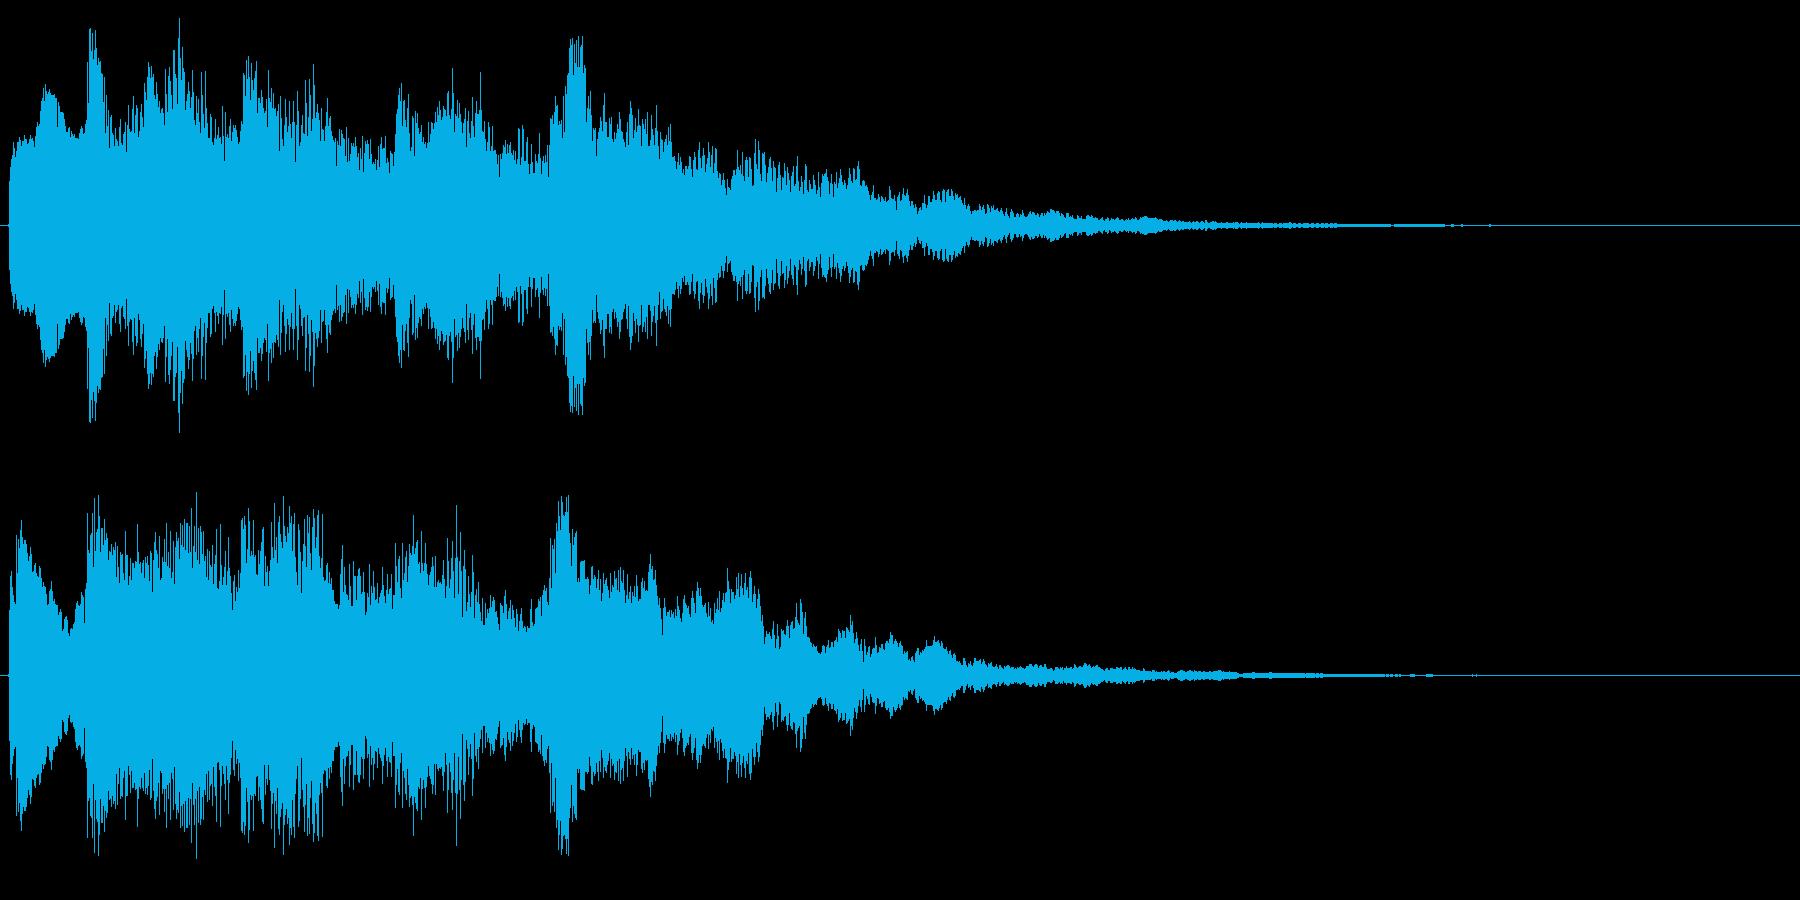 ベル系の場面転換音 転回音 サウンドロゴの再生済みの波形